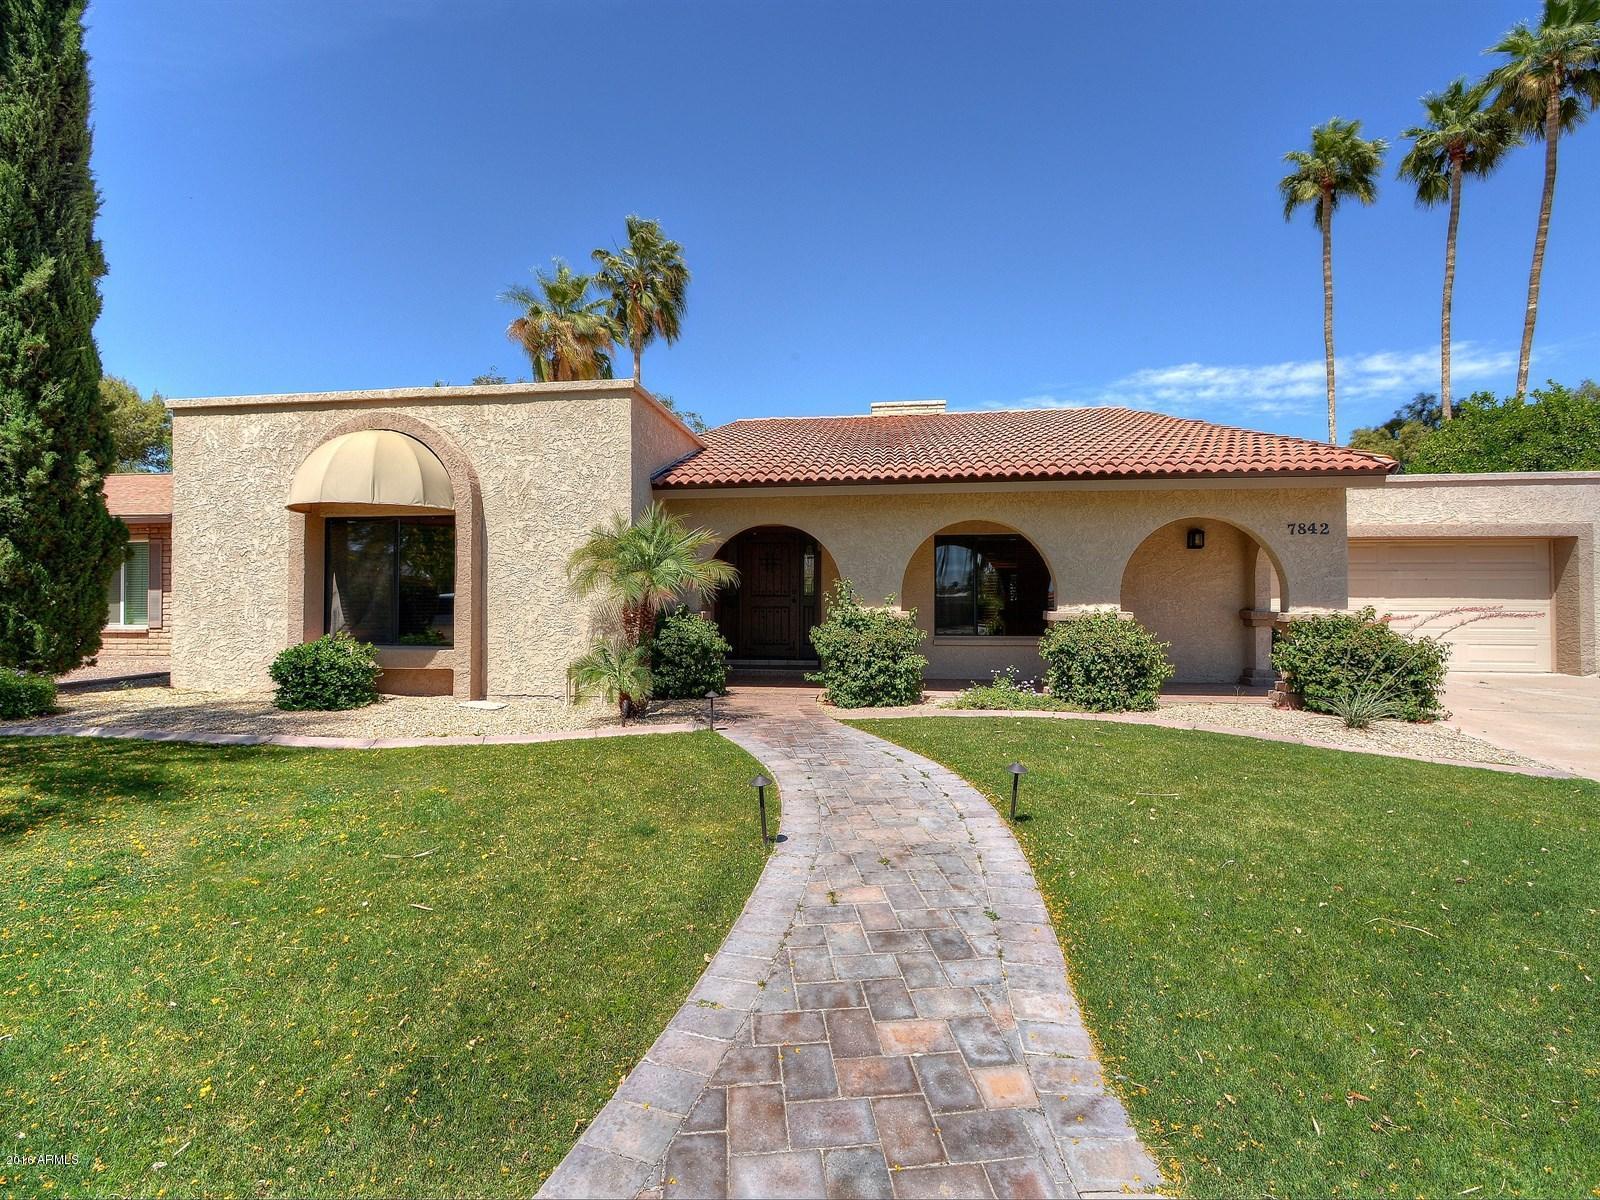 7842 E Via Sonrisa, Scottsdale | $430,000